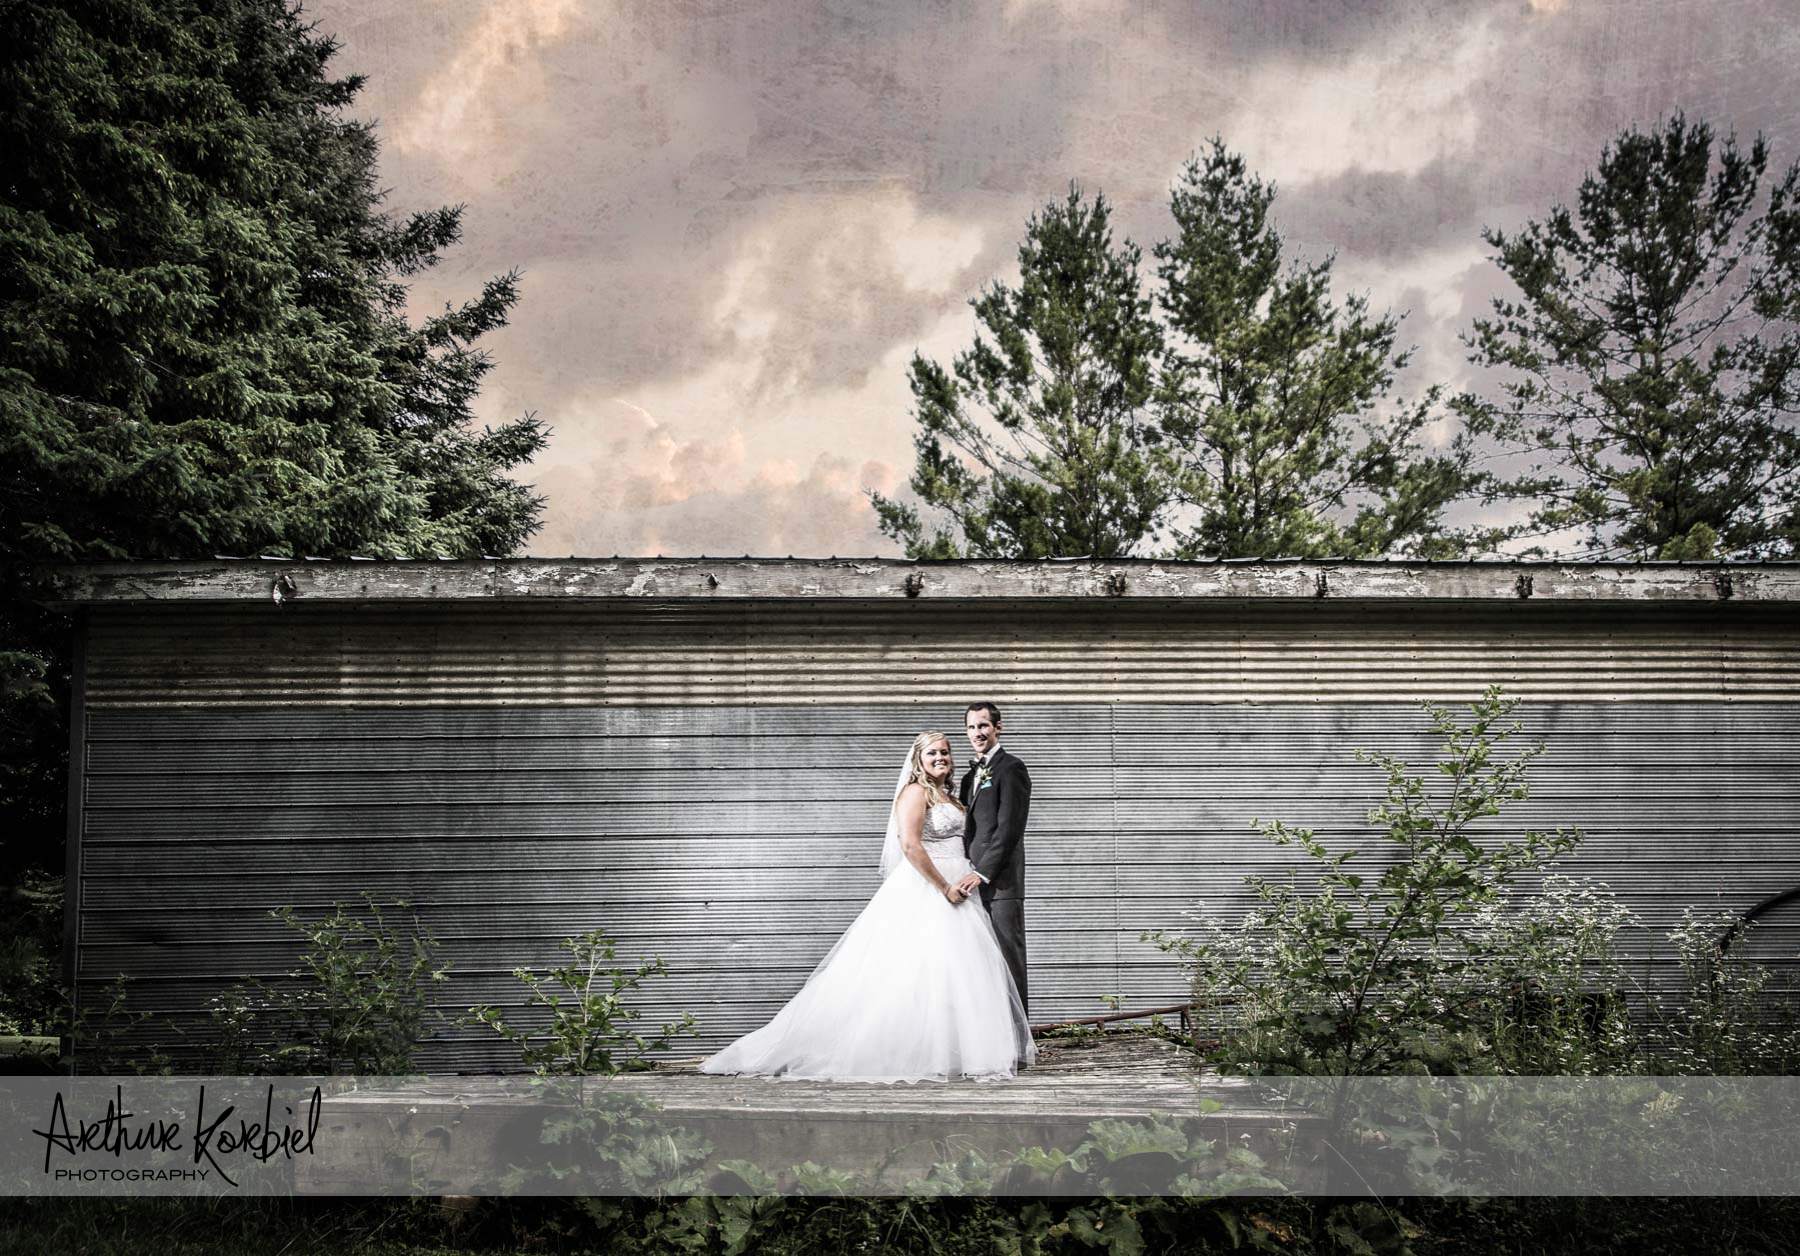 Arthur Korbiel Photography - London Wedding Photographer-031.jpg